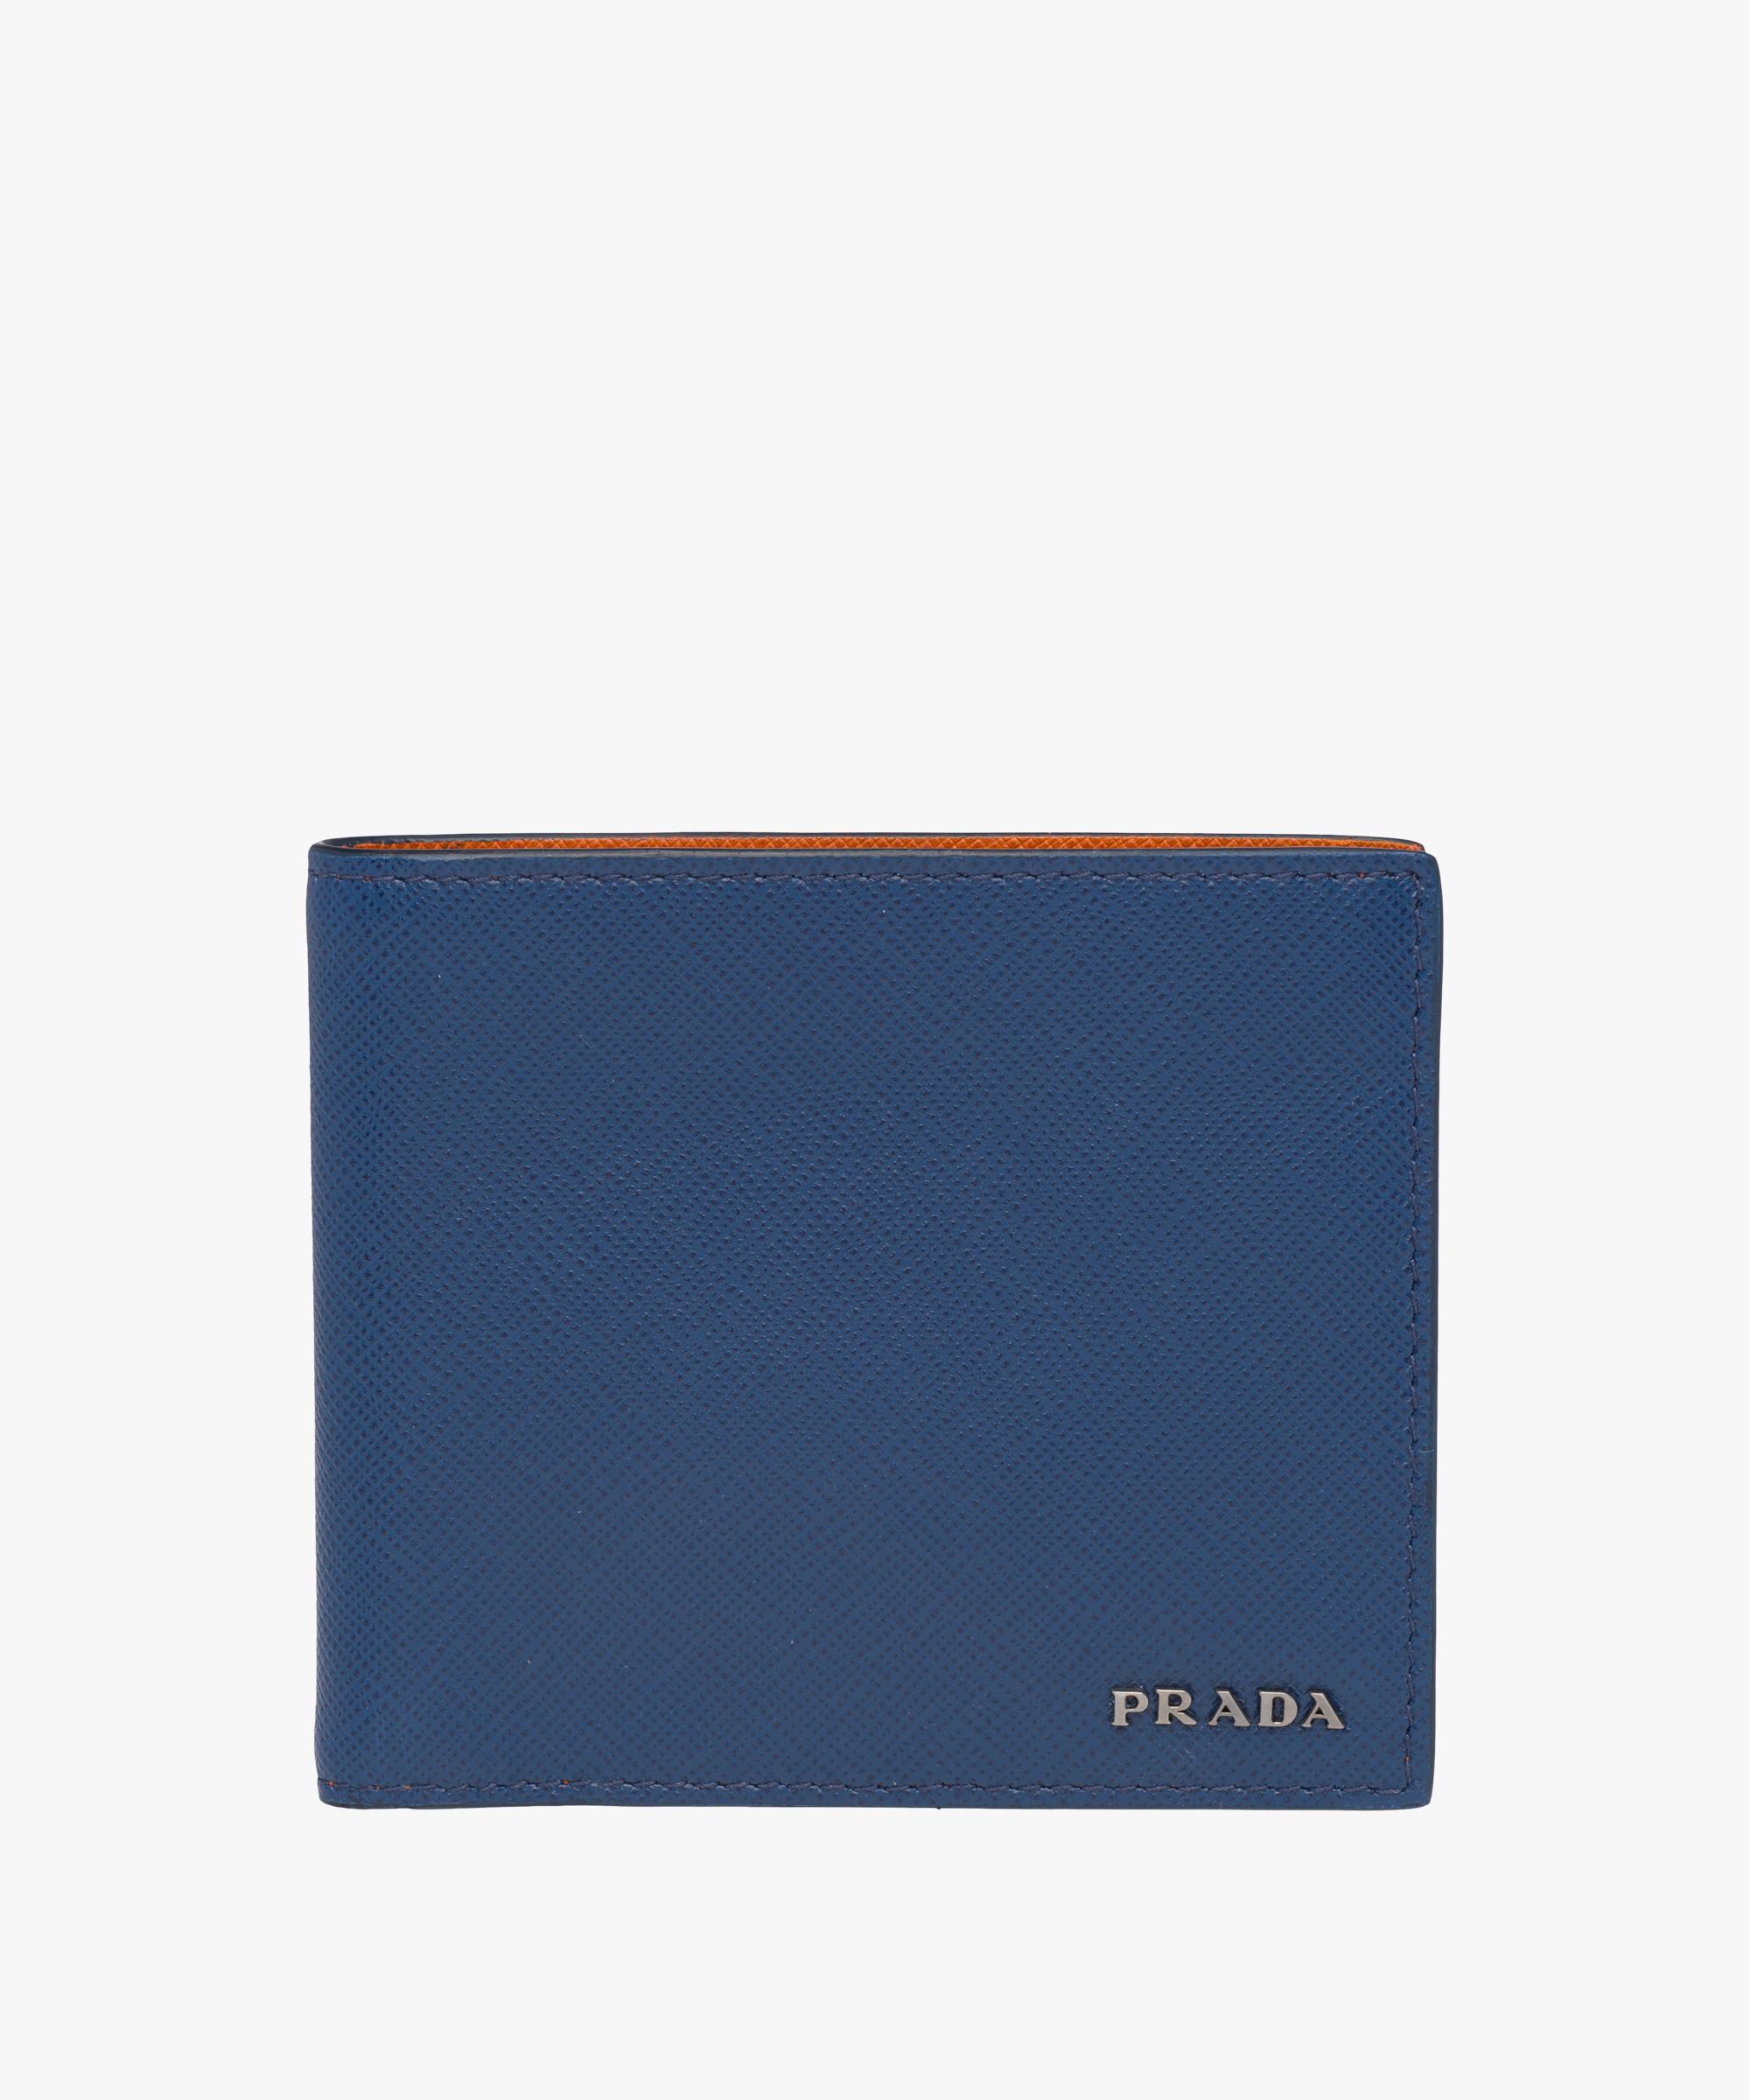 Prada Saffiano Leather Wallet Men - Best Photo Wallet ... d4c6061d9cad9